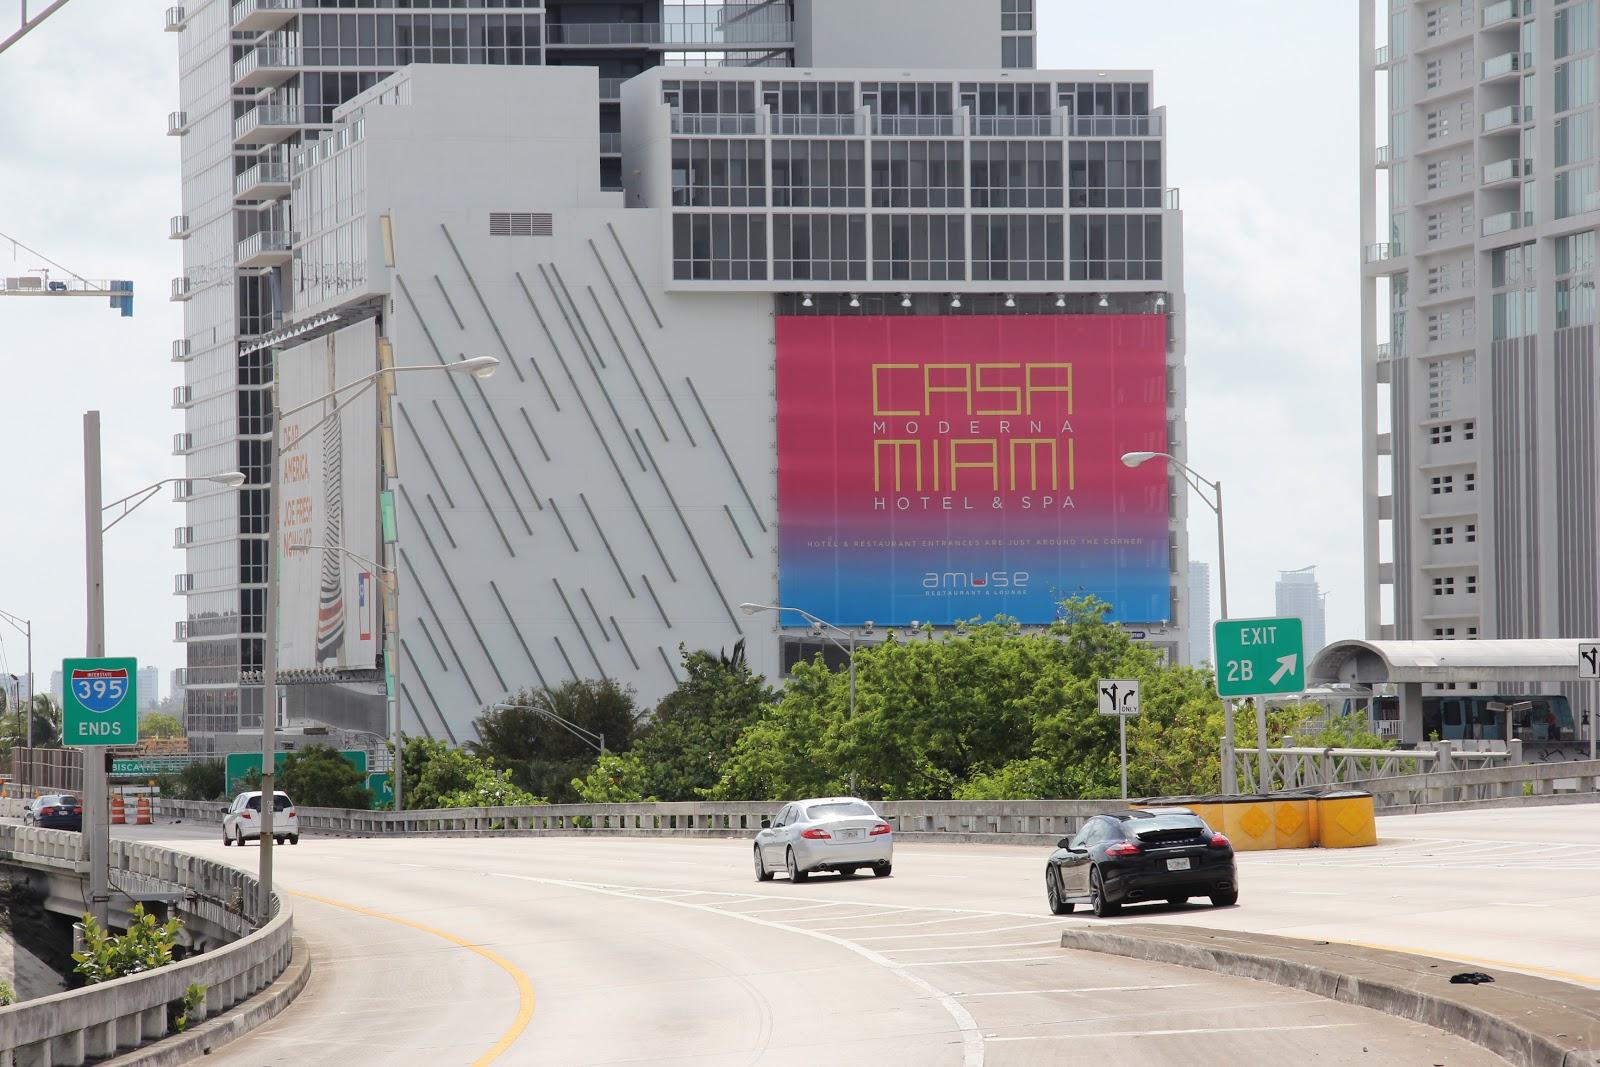 Mirko ili blog new casa moderna billboard for Casa moderna miami website